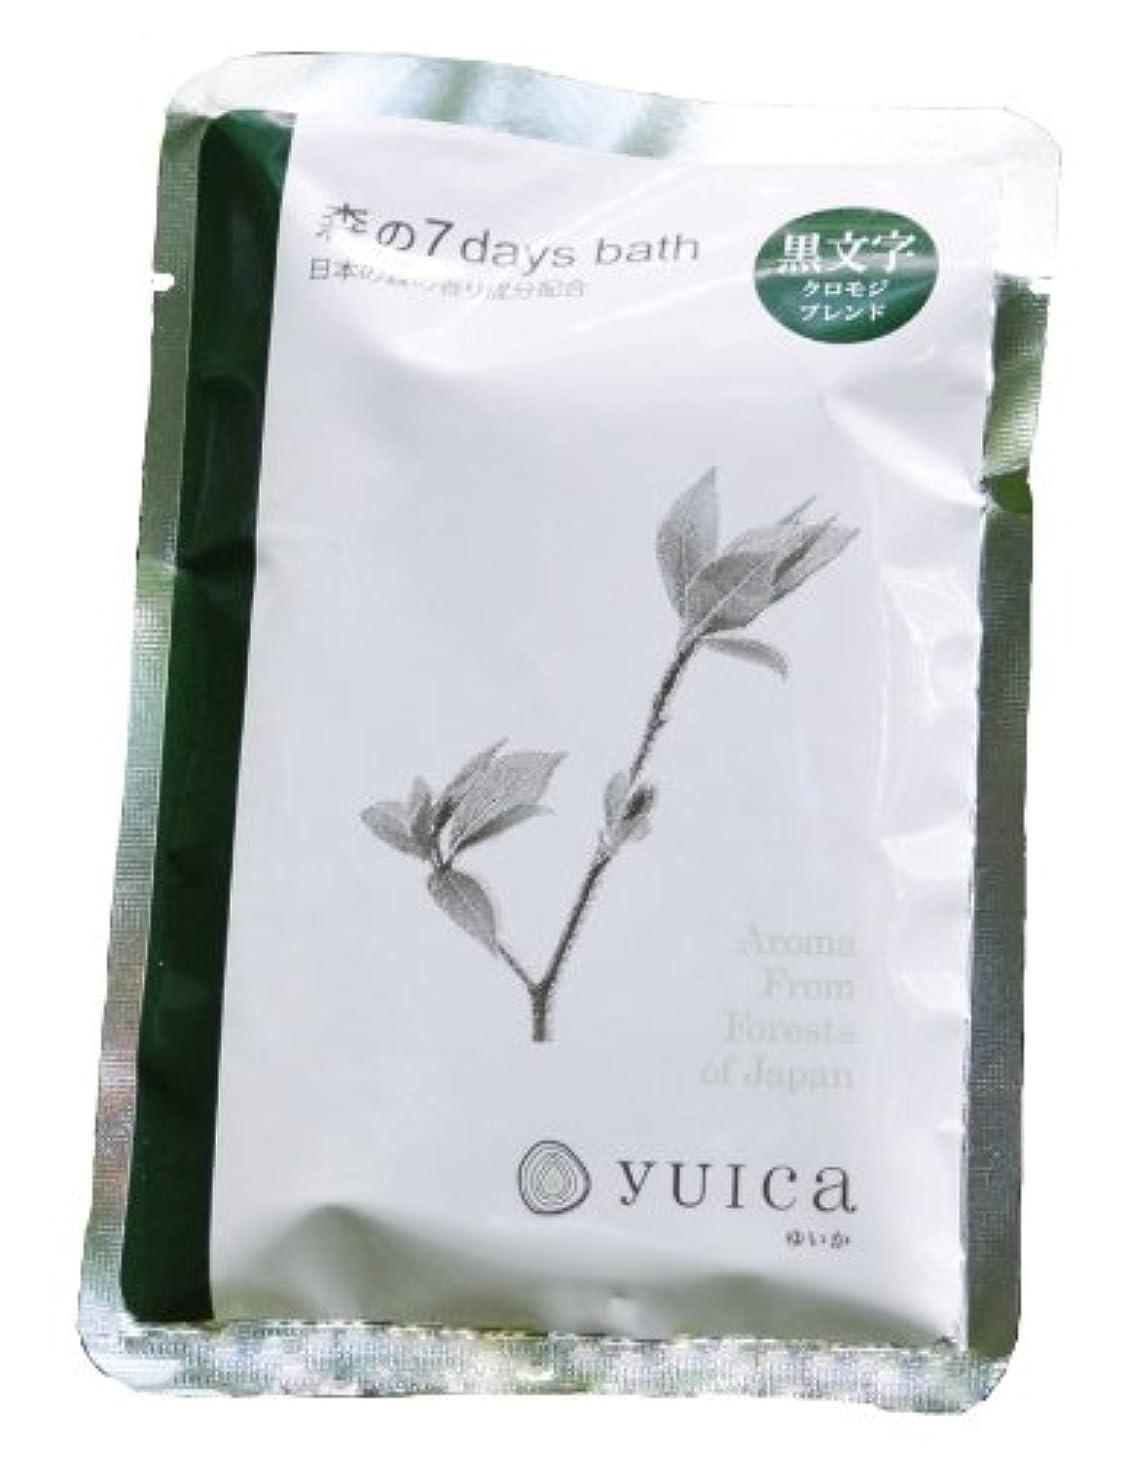 雑品落とし穴メリーyuica 森の7 days bath(入浴パウダー)やすらぎの香り(クロモジブレンド) 60g